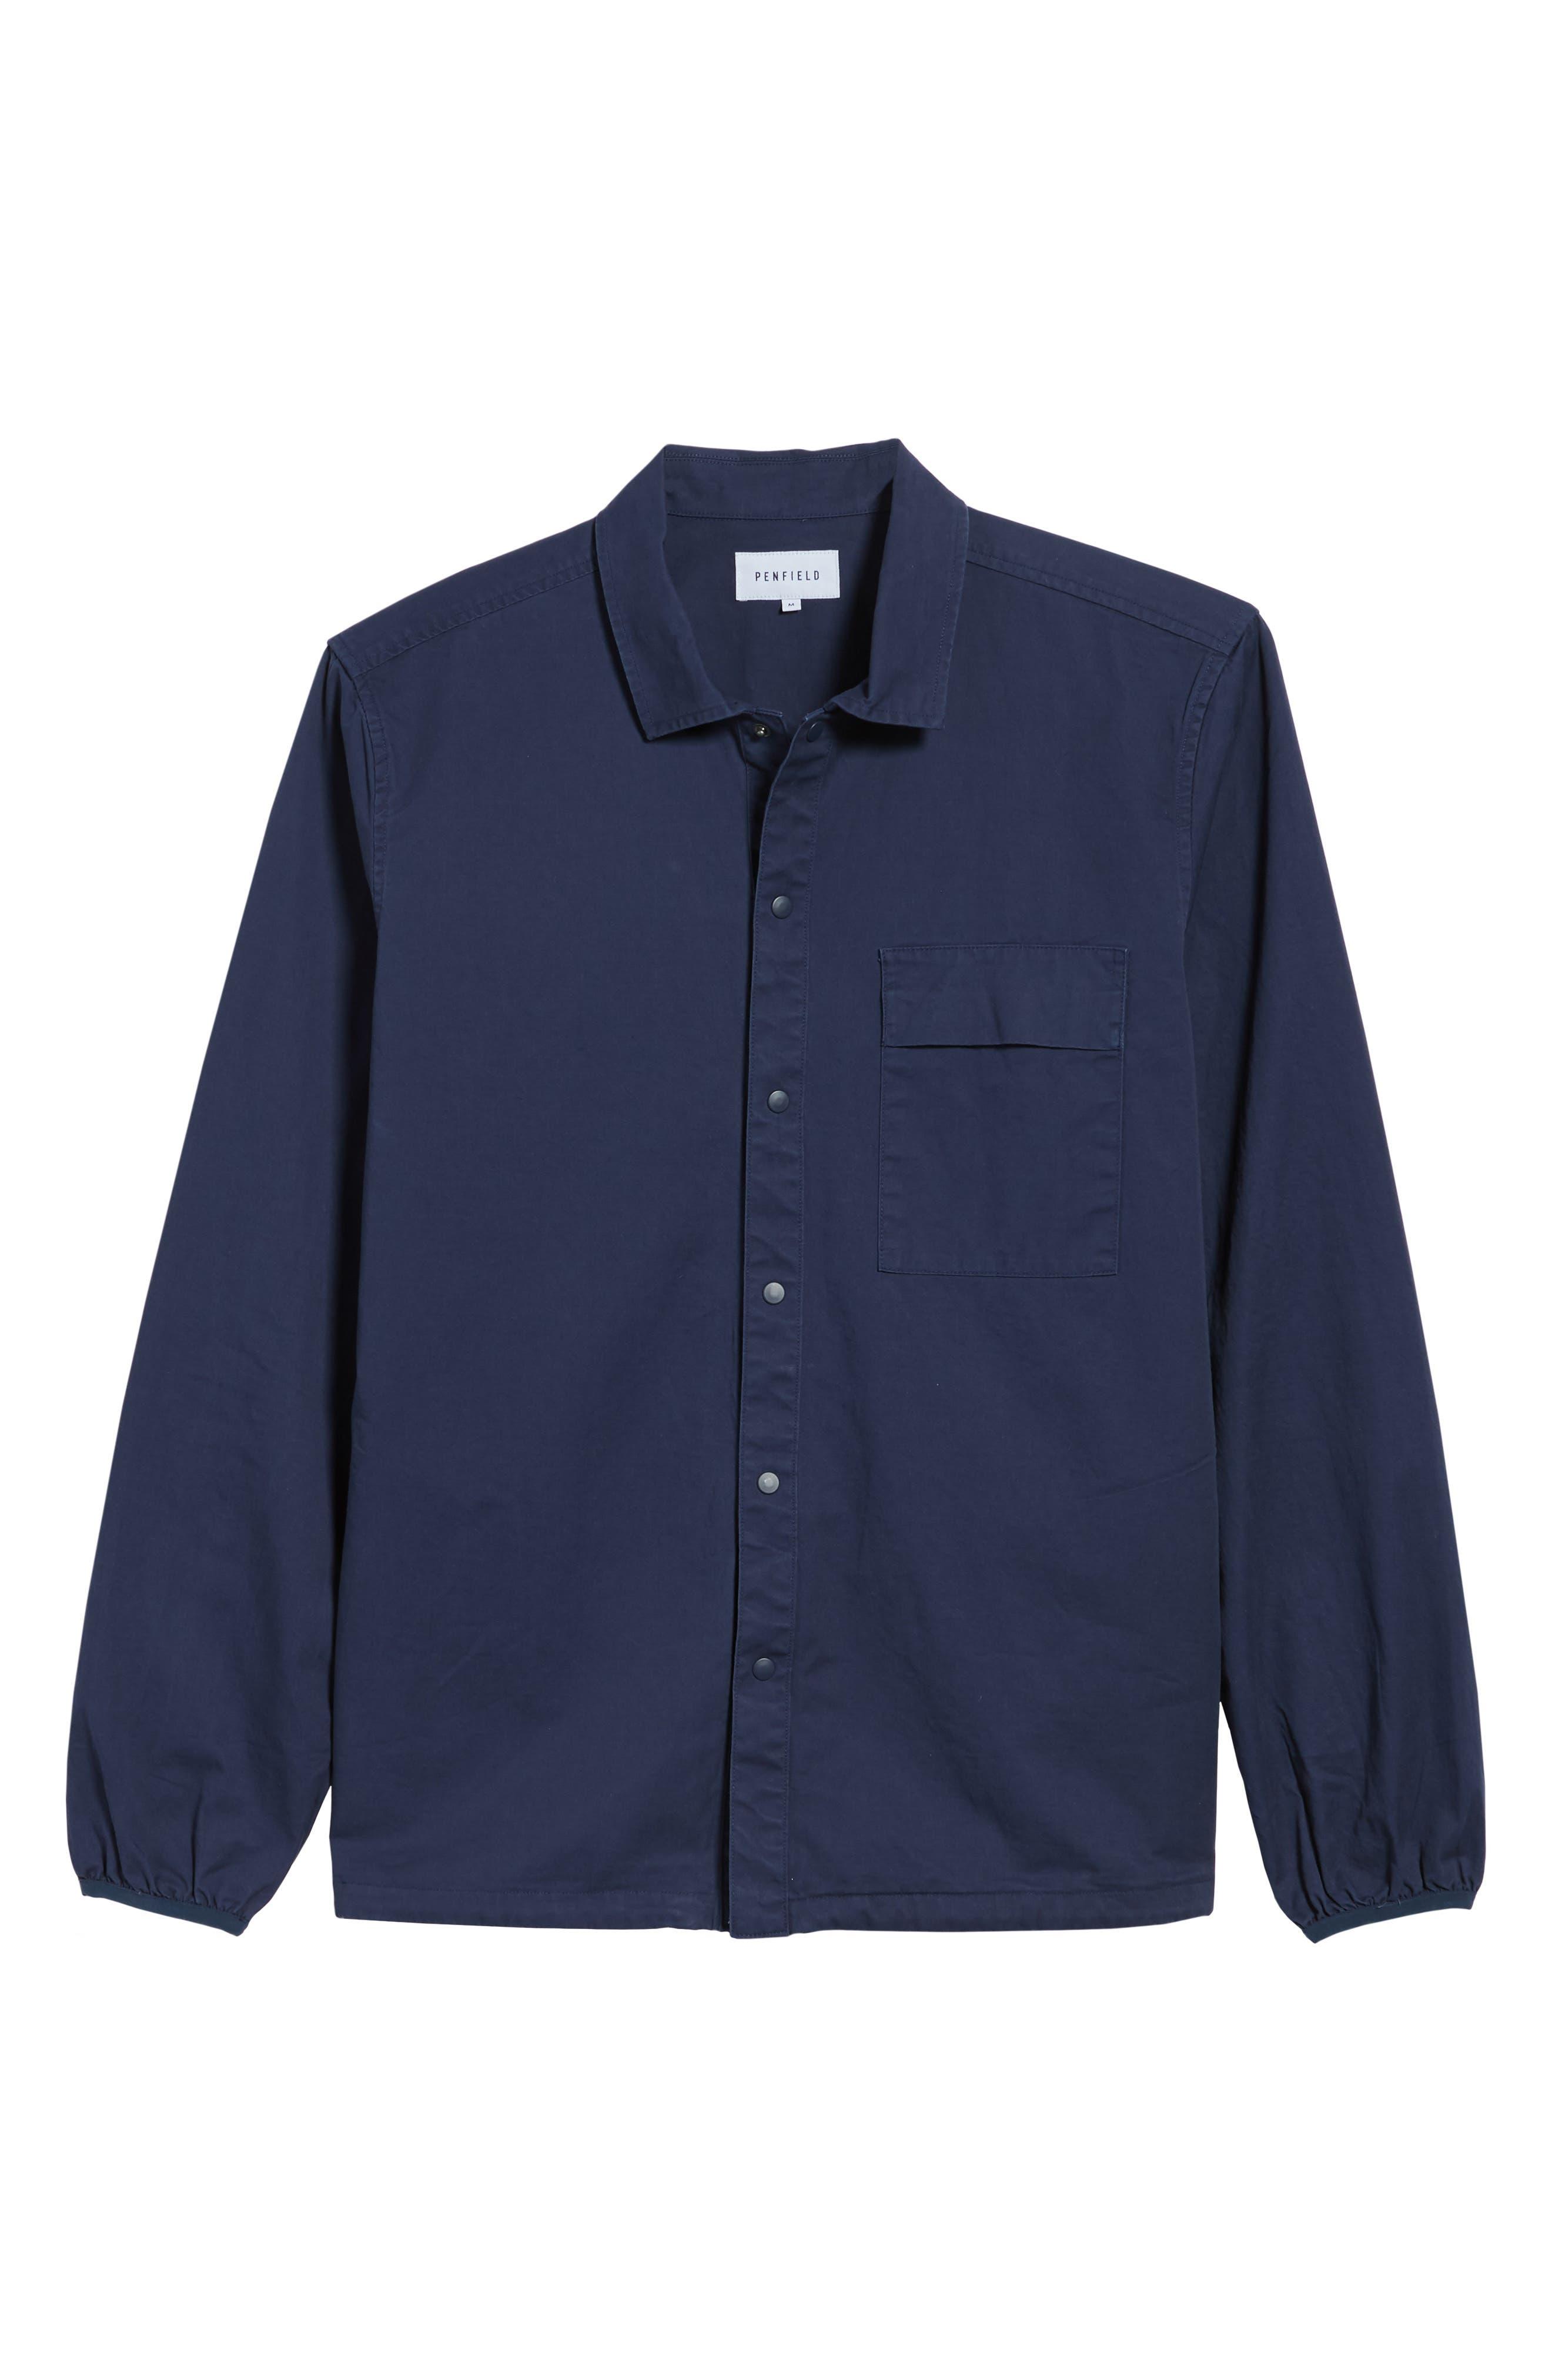 Blackstone Shirt Jacket,                             Alternate thumbnail 5, color,                             400